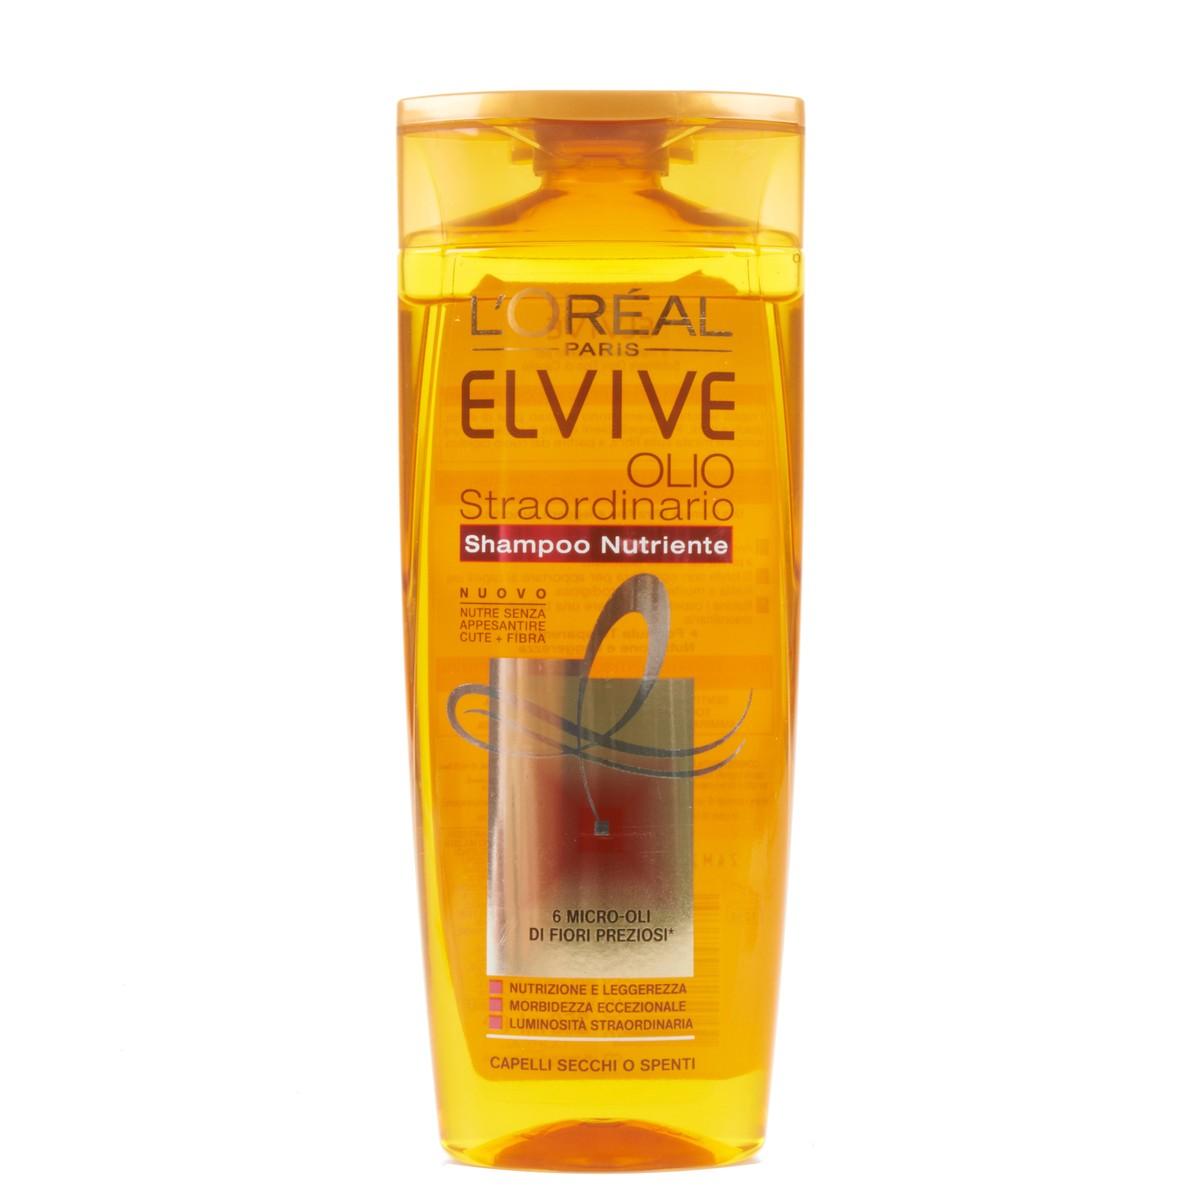 Elvive L'Oréal Paris? Shampoo nutriente Olio Straordinario